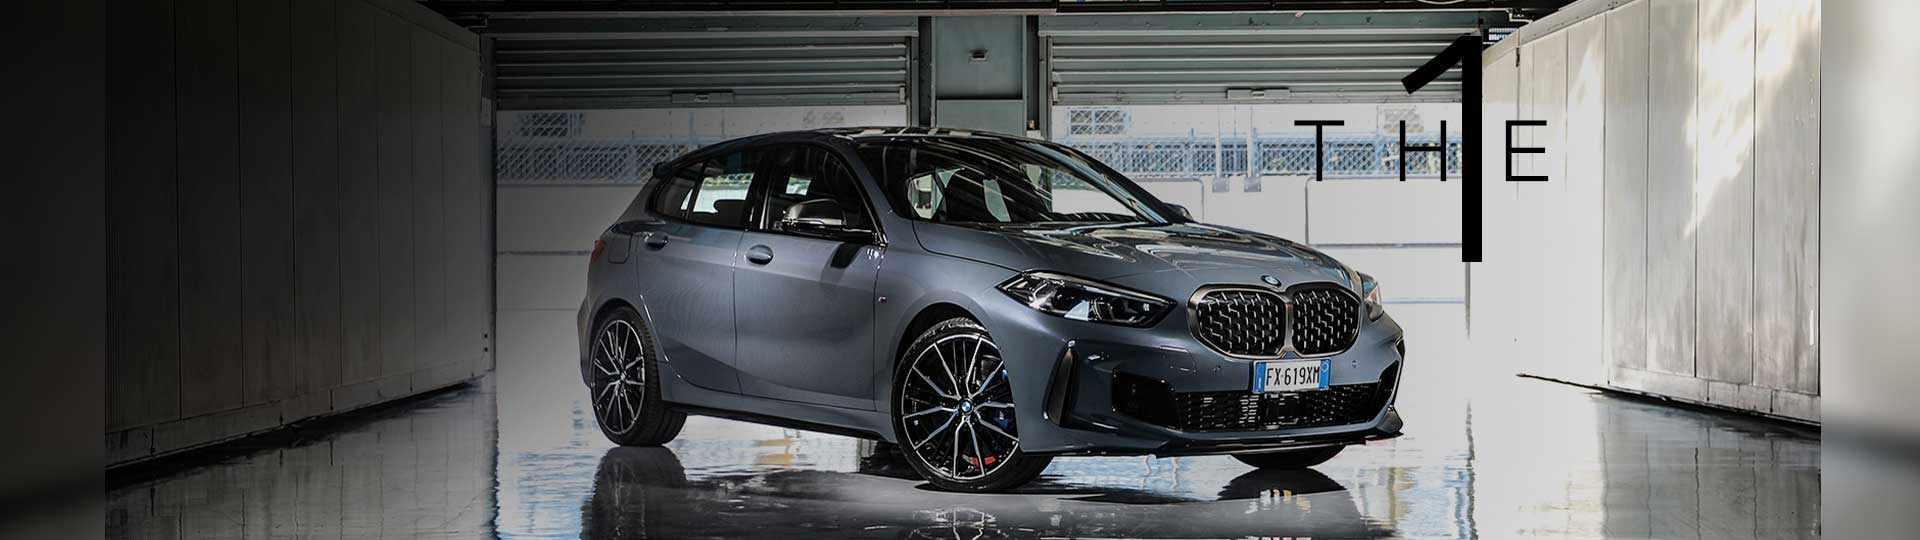 BMW-Serie-1_2-min.jpg